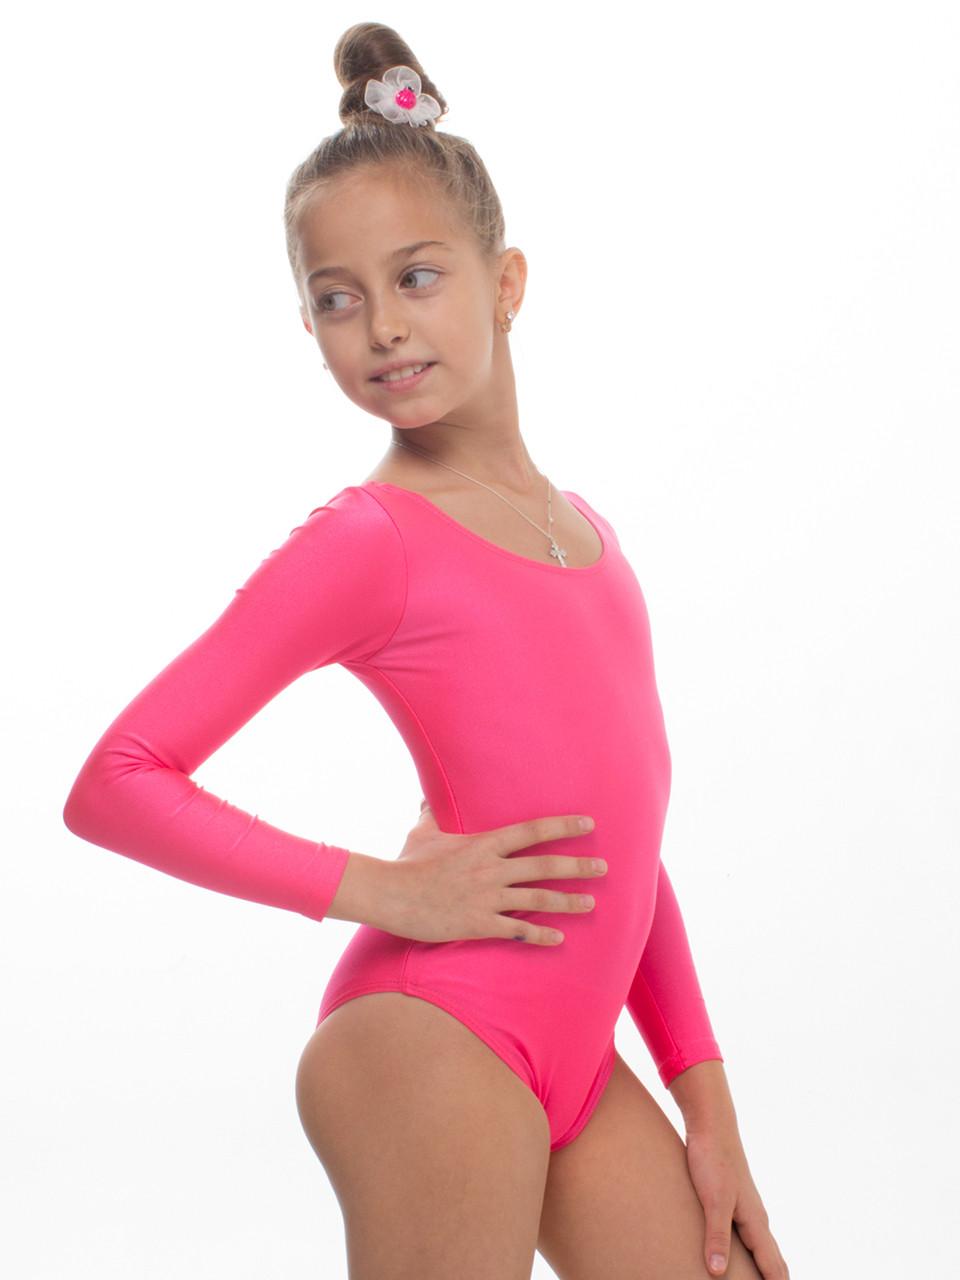 Детские купальники для танцев и гимнастики КОРАЛЛ - Интернет-магазин